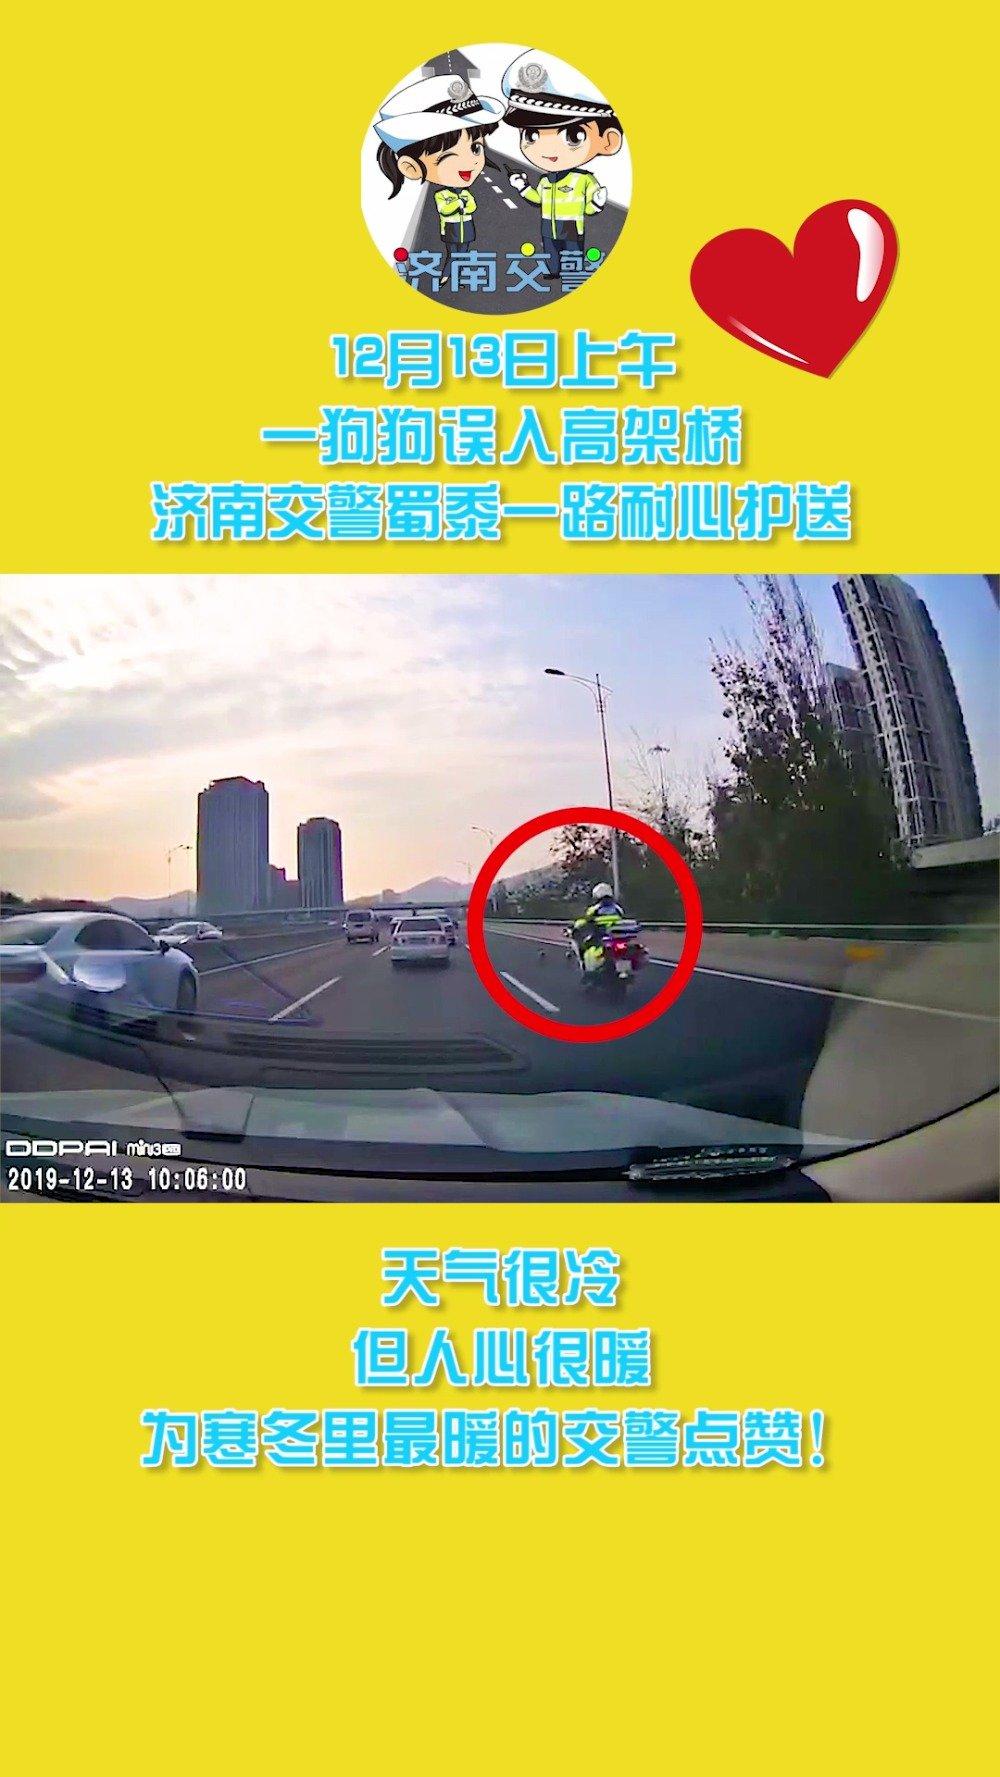 12月13日上午,狗狗误入高架桥